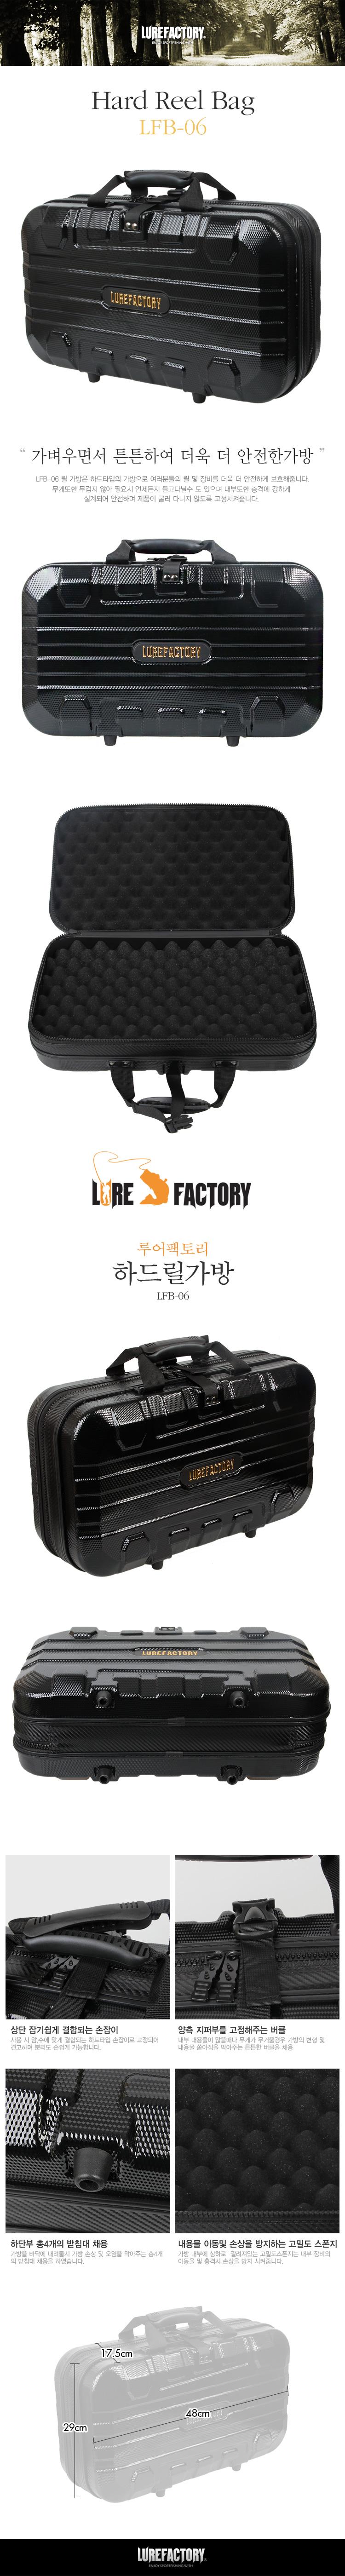 루어팩토리 릴보관 하드가방 (LFB-06)  [스피닝/베이트릴/카메라 등 보관케이스]